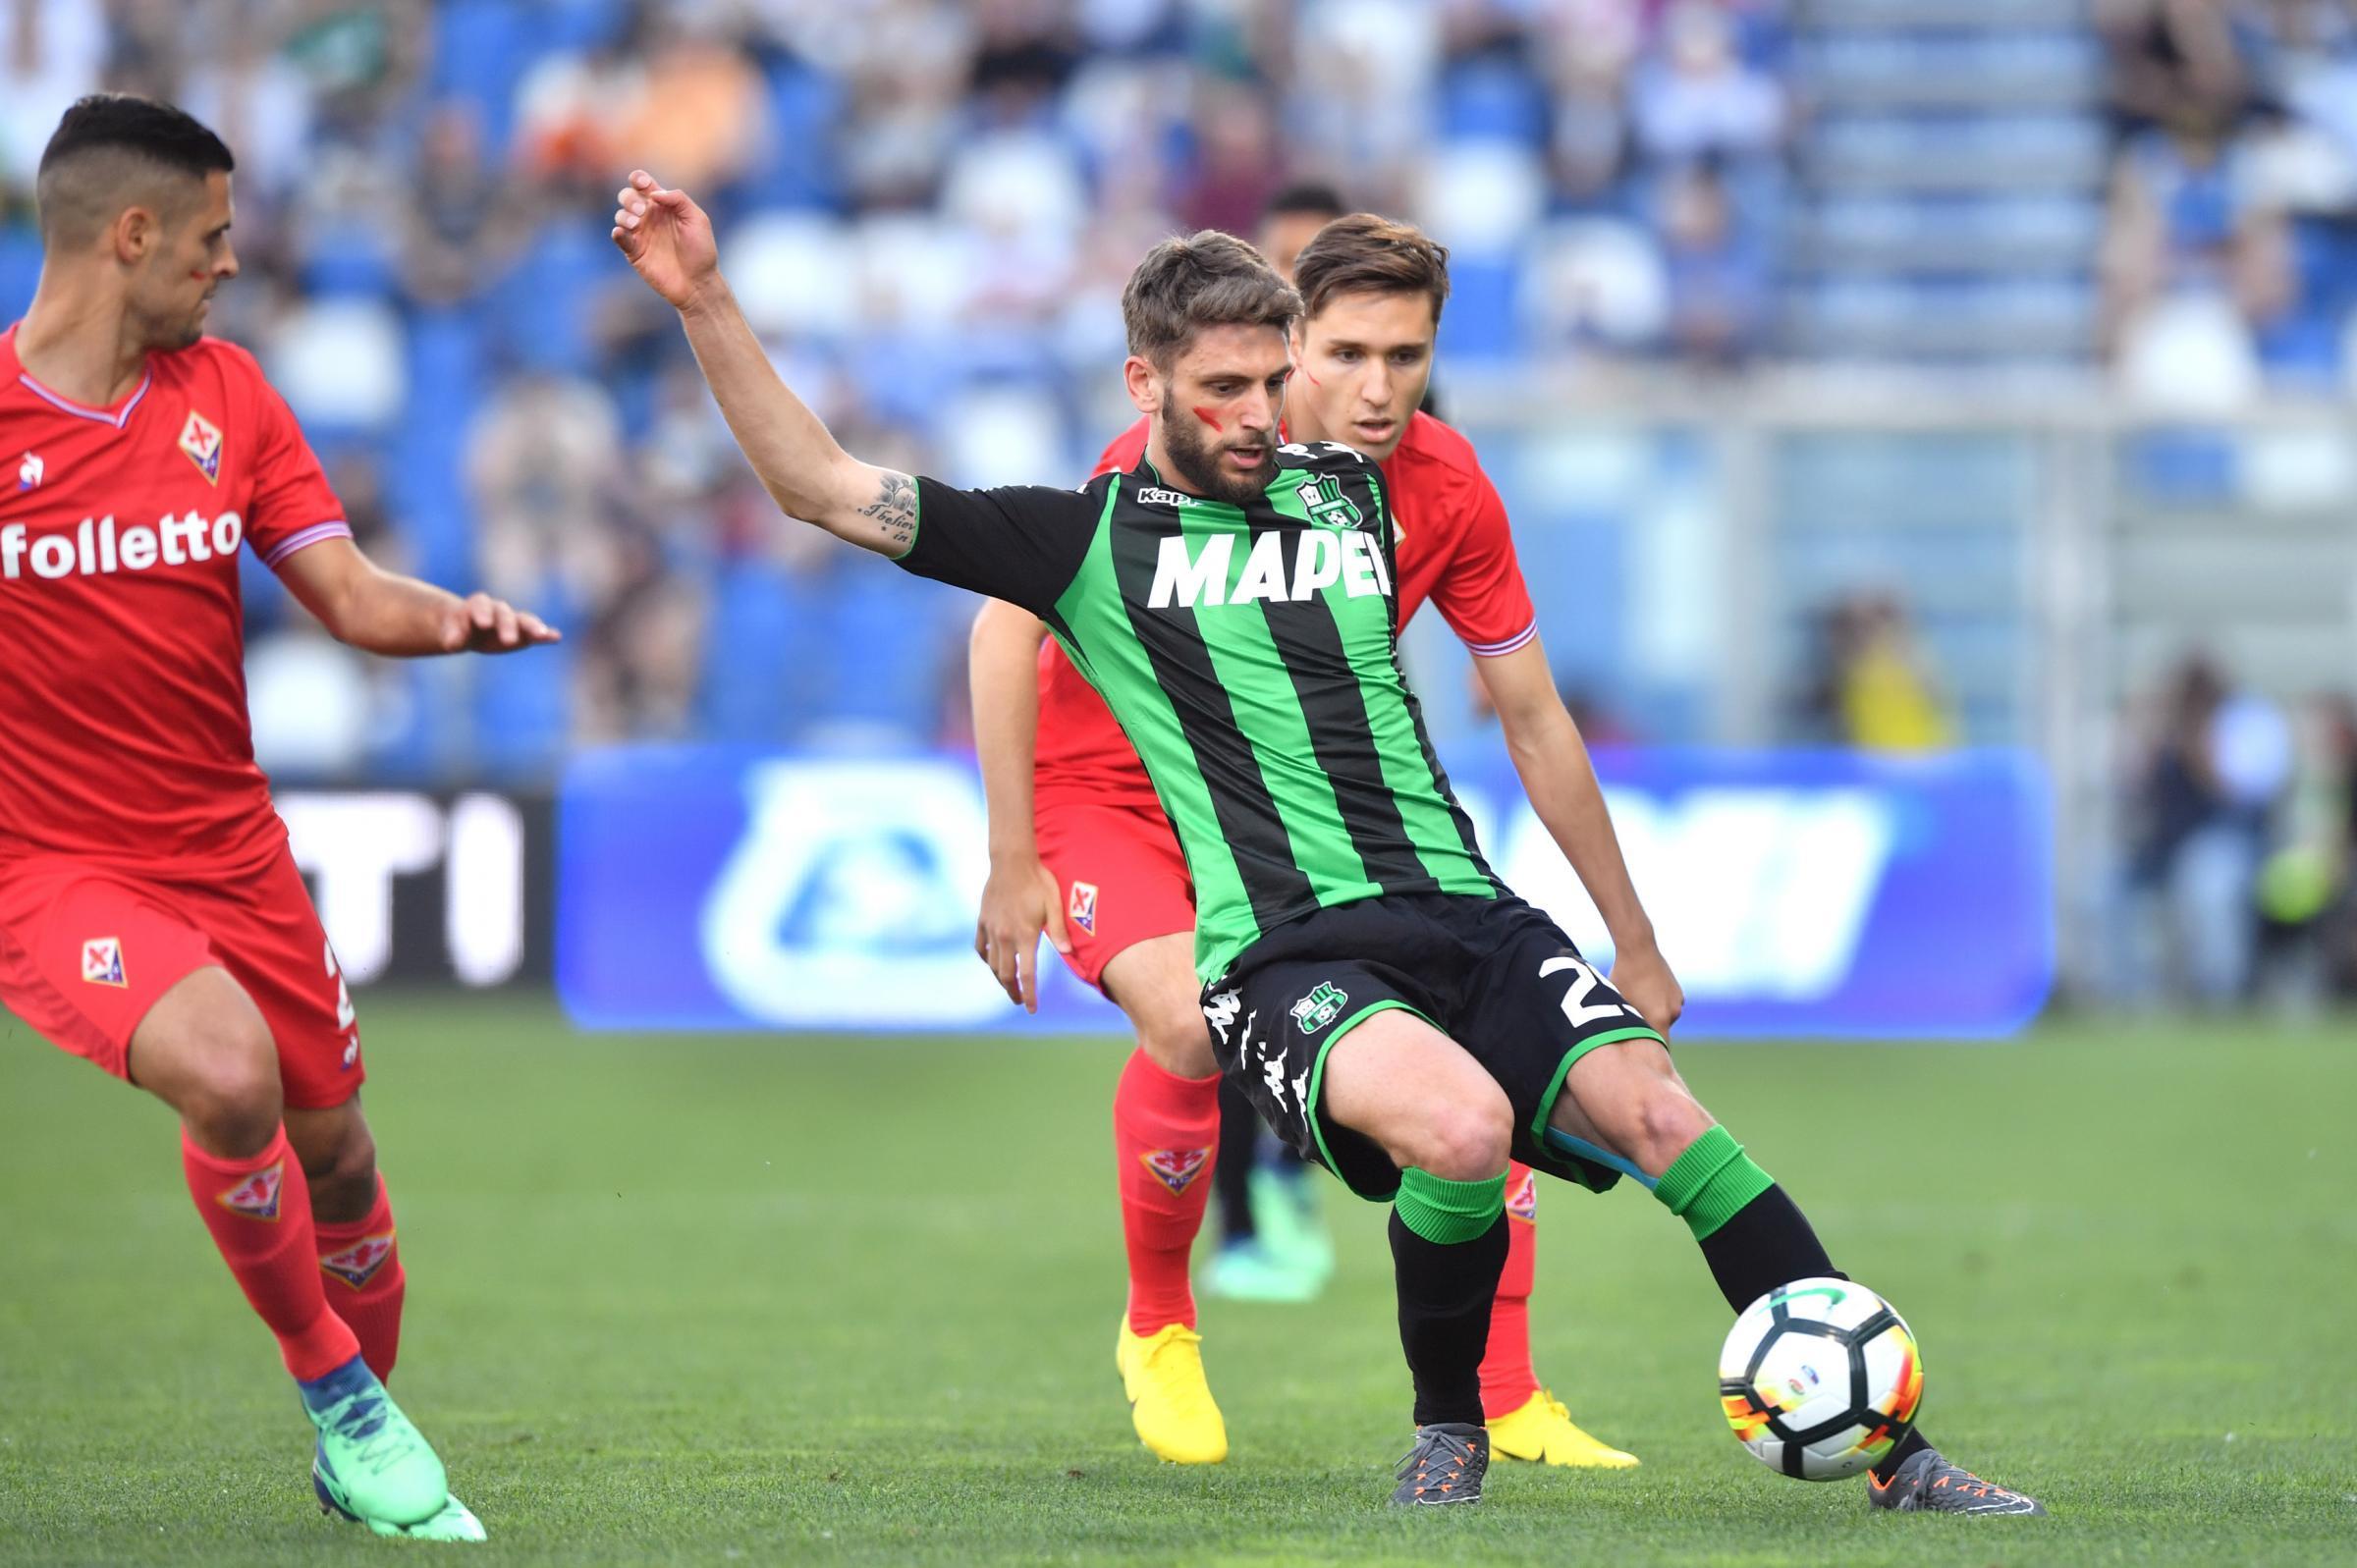 Serie A, Sassuolo-Fiorentina 1-0: un gran gol di Politano ferma la Viola